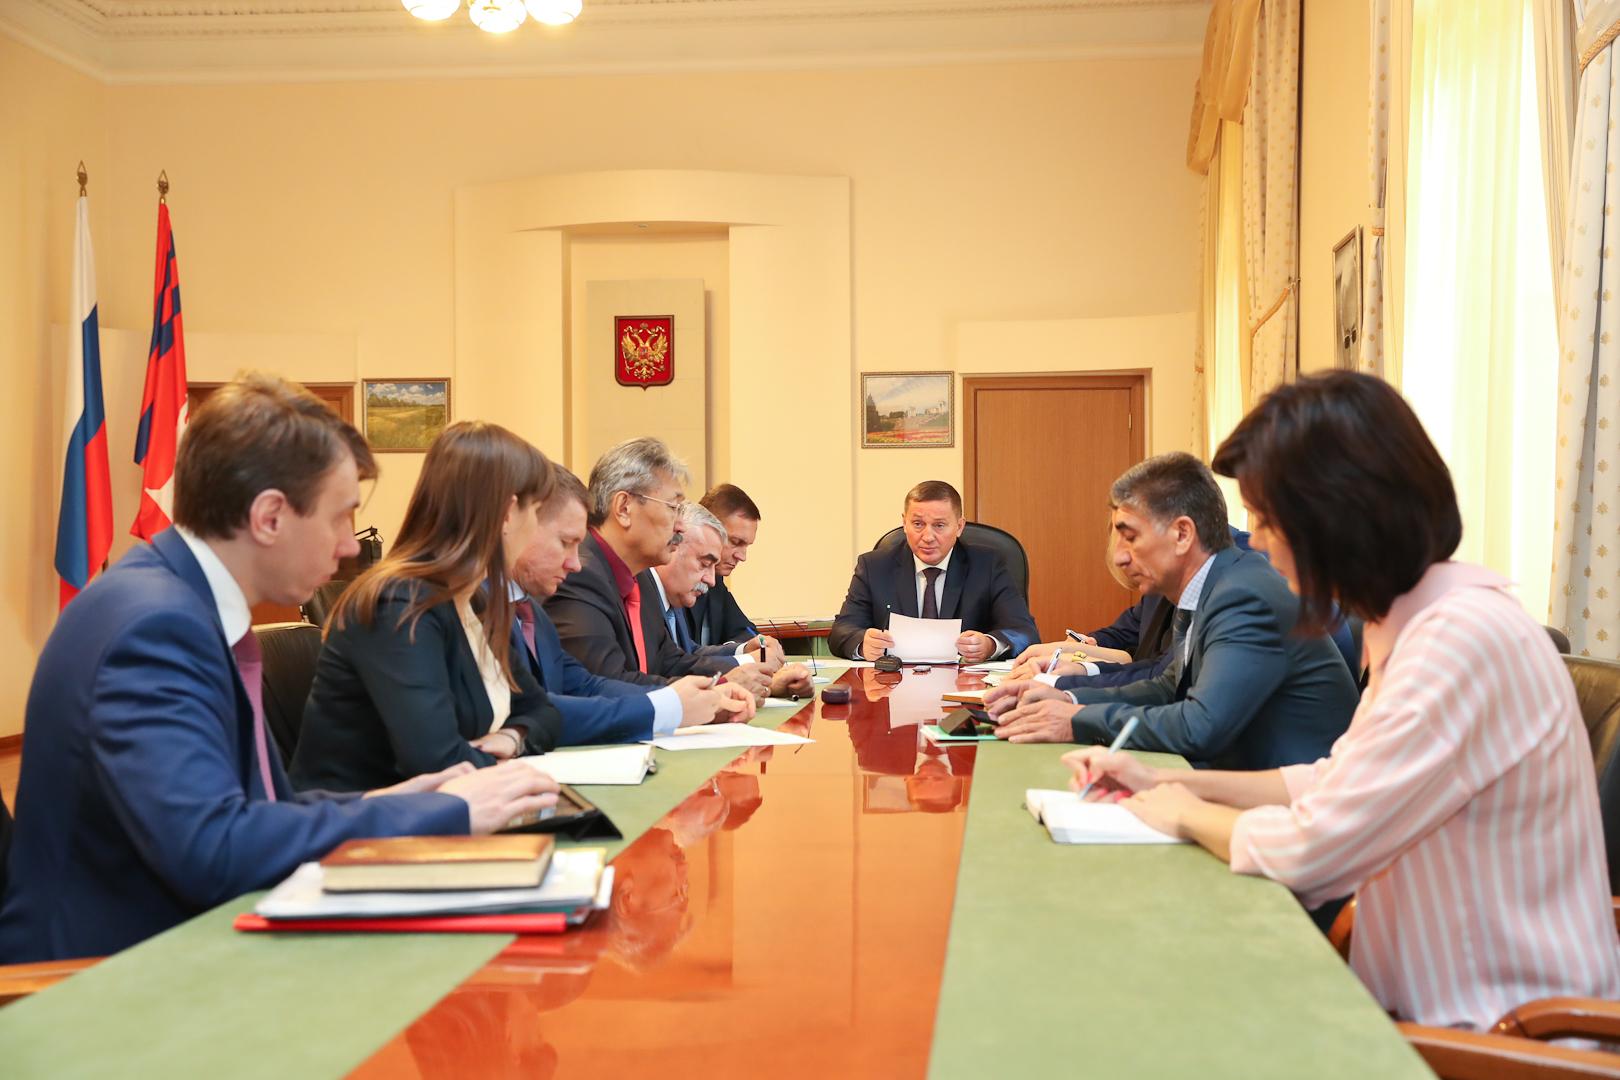 Волгоградская область получит 15 млрд руб. для погашения долгов